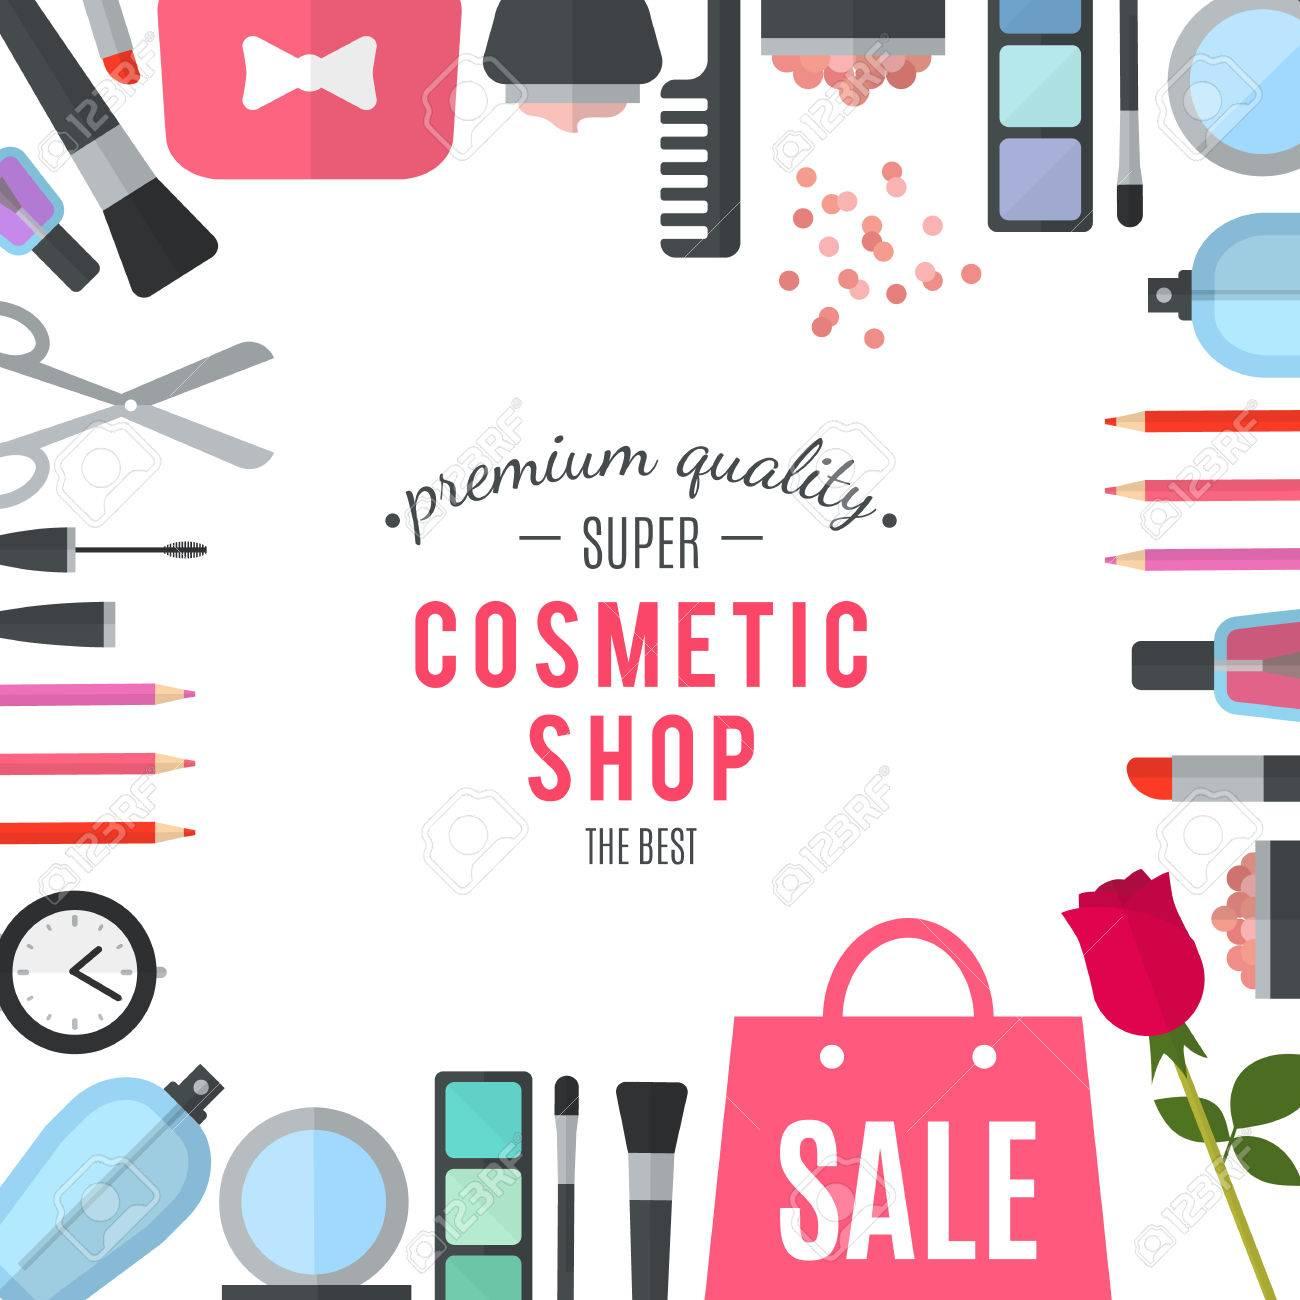 newest collection ec057 e707e Professionale negozio di cosmetici di qualità. Mobile Donna shopping  online. Accessori e cosmetici. Gli acquisti in belle scatole avvolte.  negozio di ...